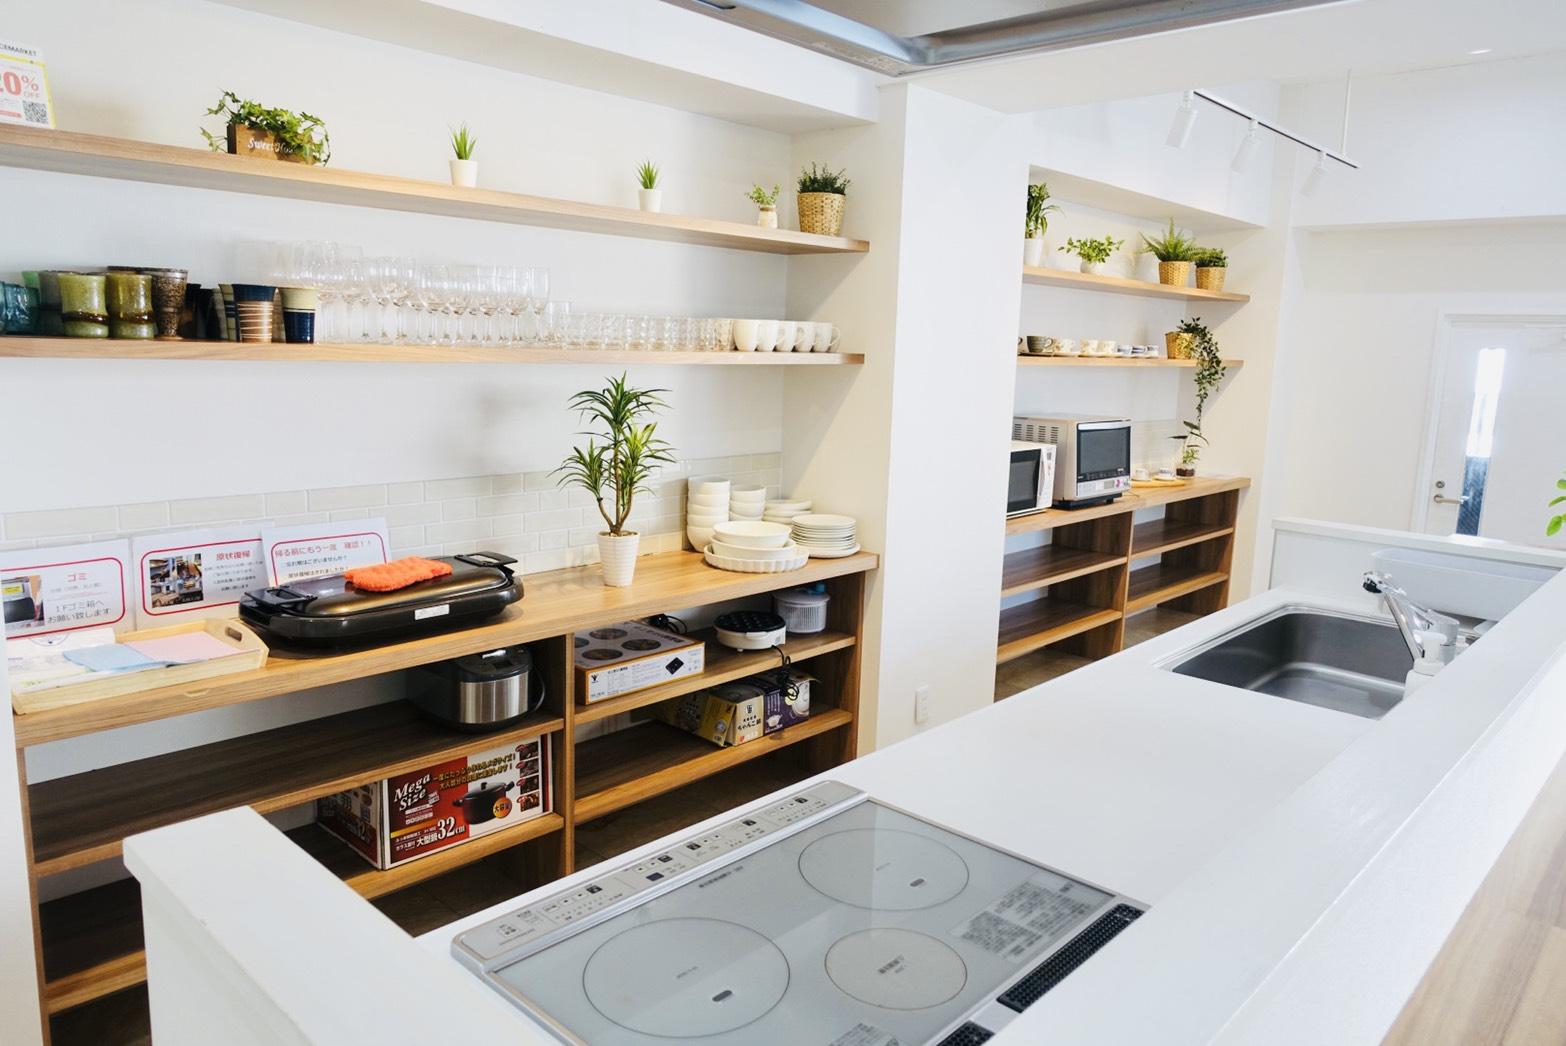 レンタルスペース「Kitchen STUDIO ーT's南森町4Fー」の画像6